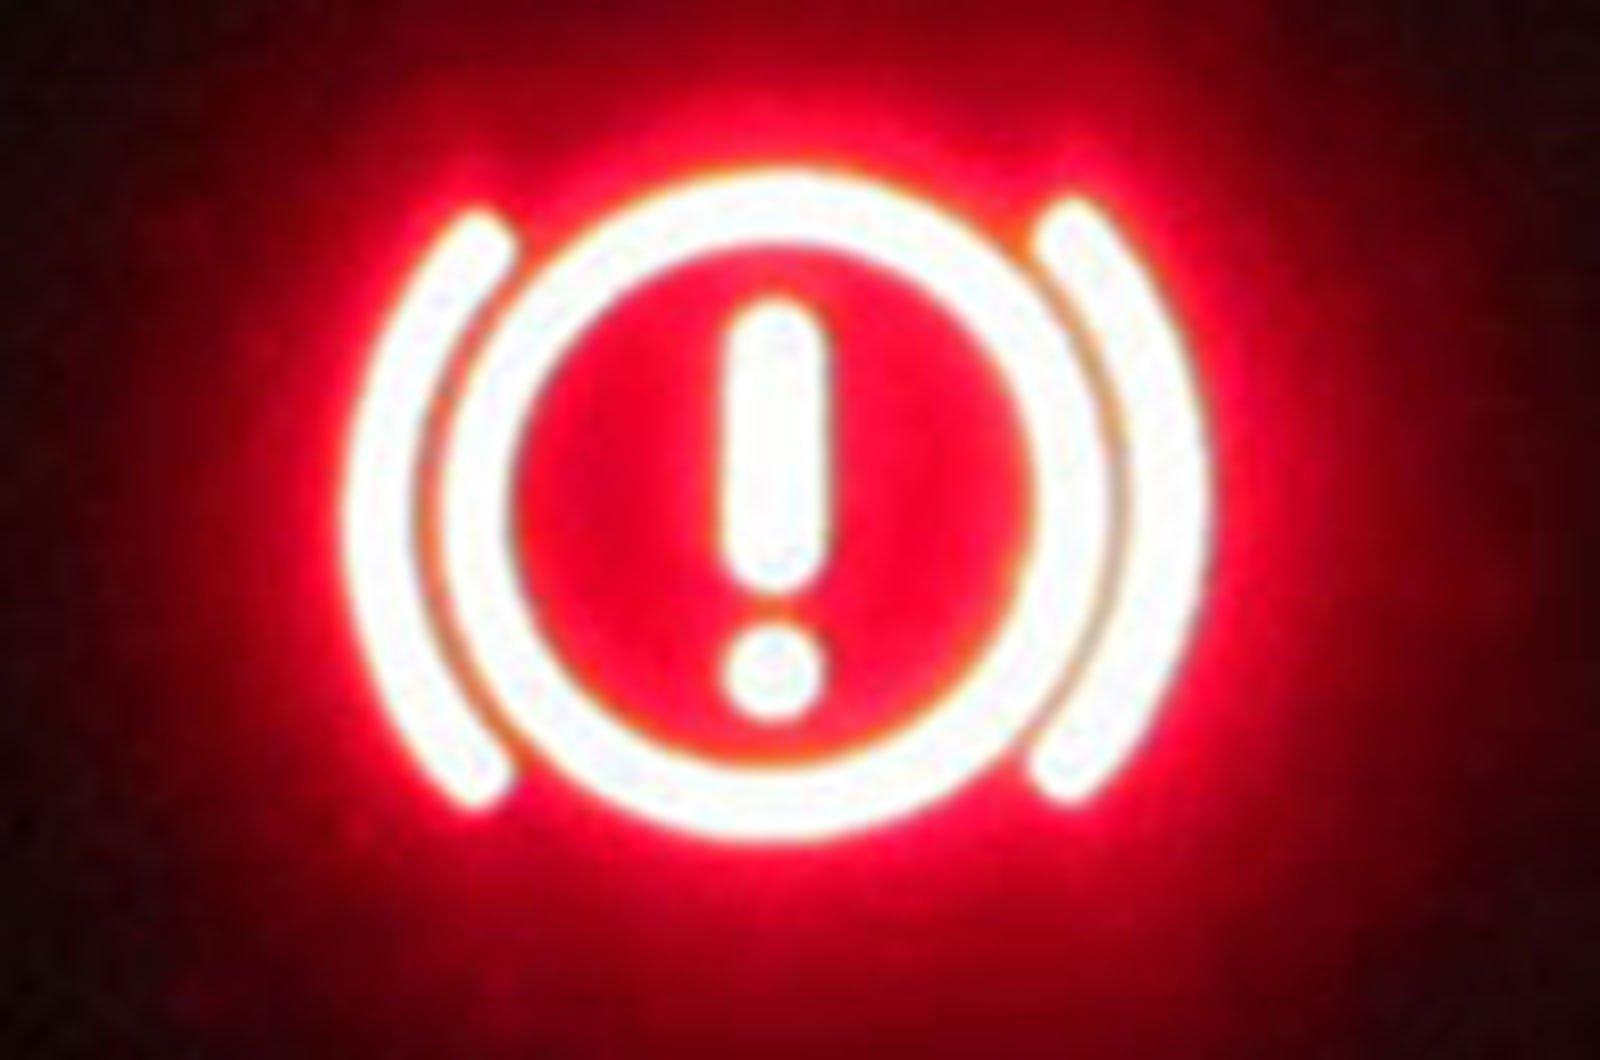 Brakes warning light